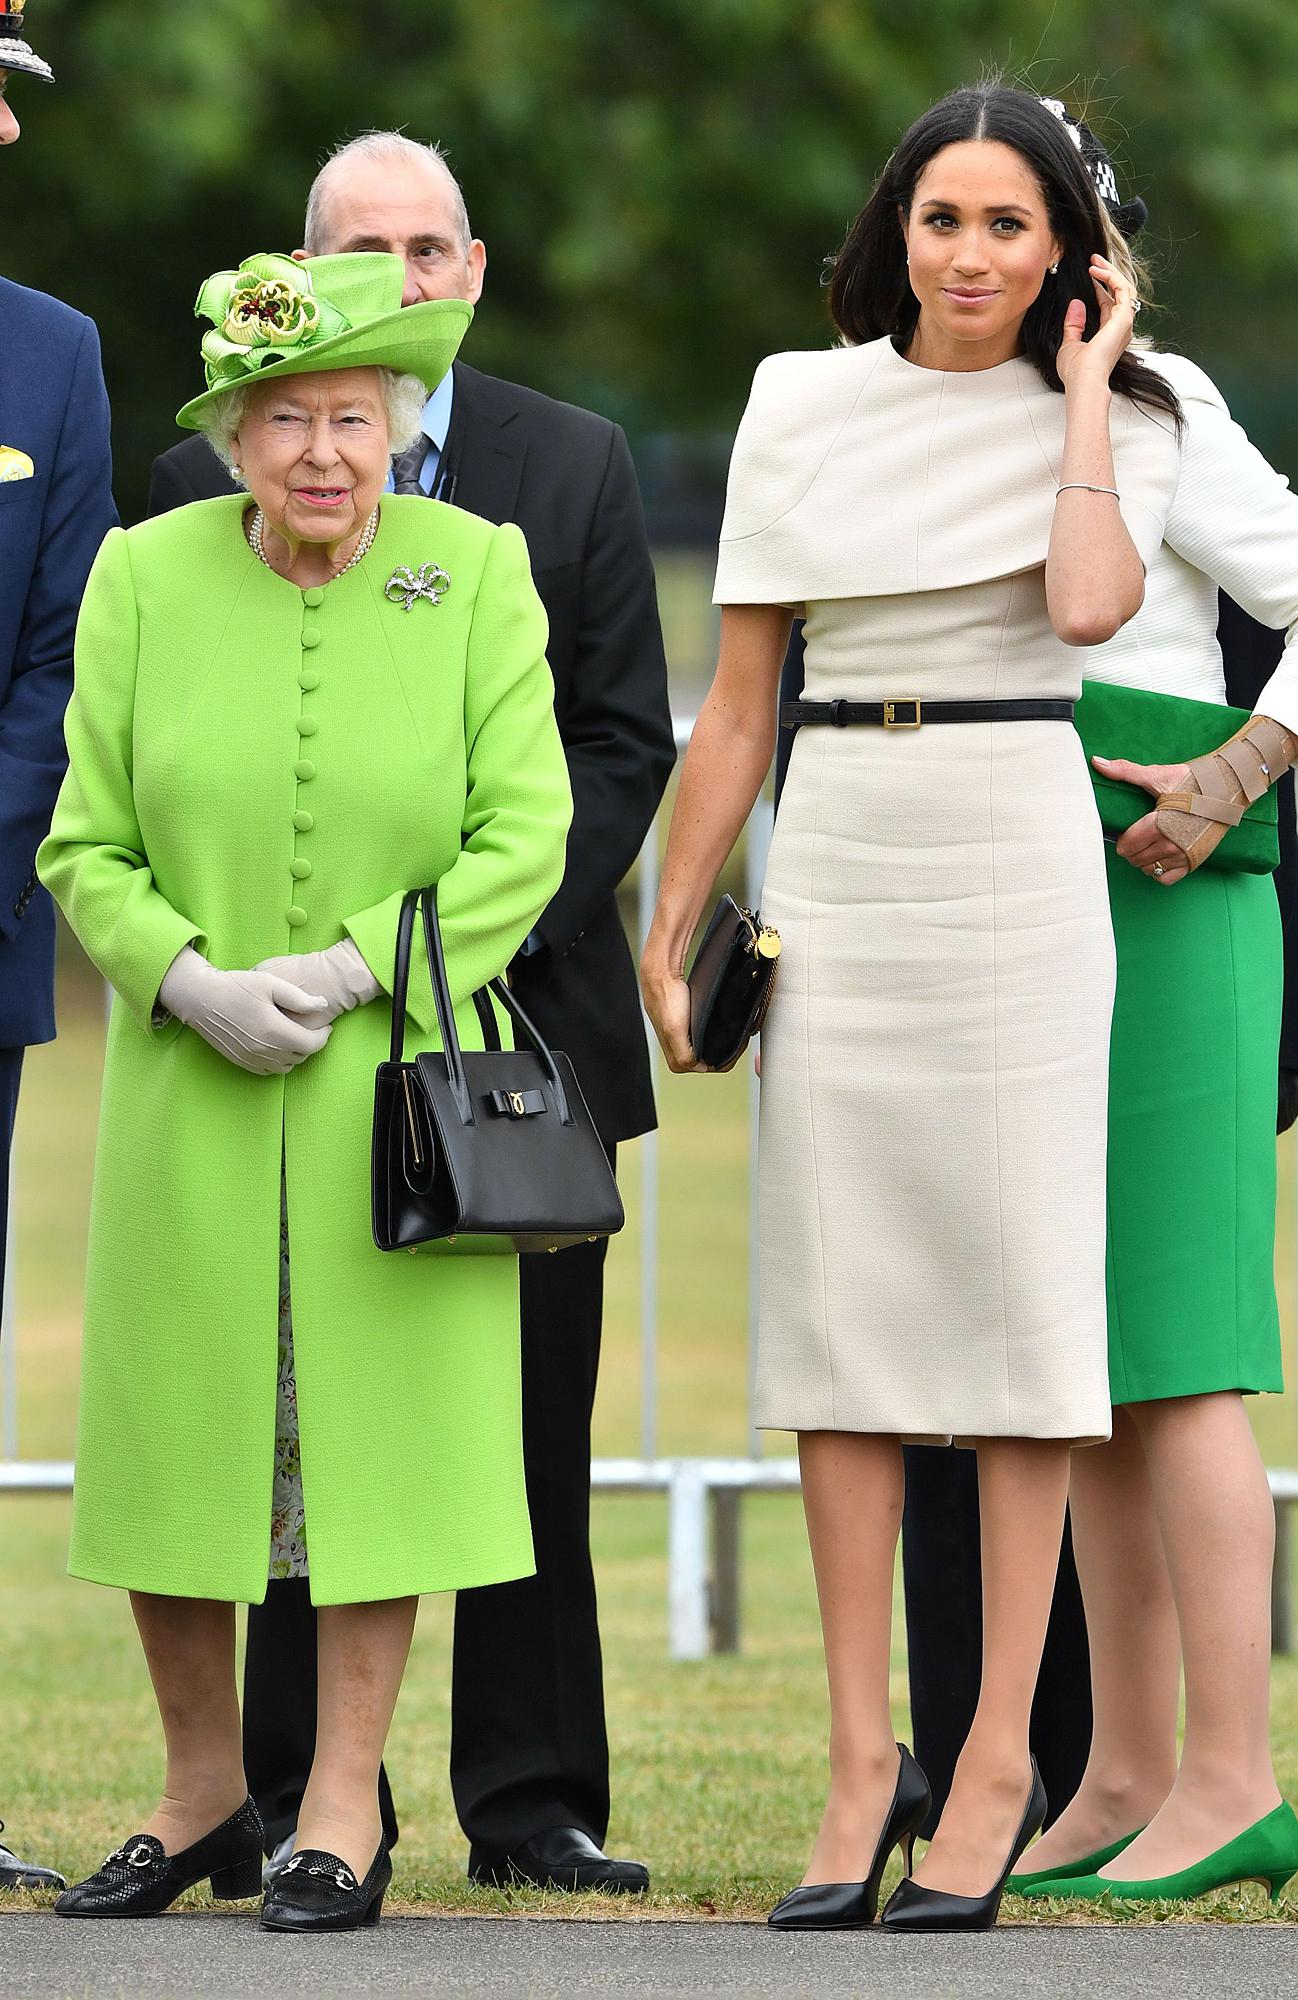 Queen Elizabeth II and Meghan Duchess of Sussex visit Cheshire, UK - 14 Jun 2018